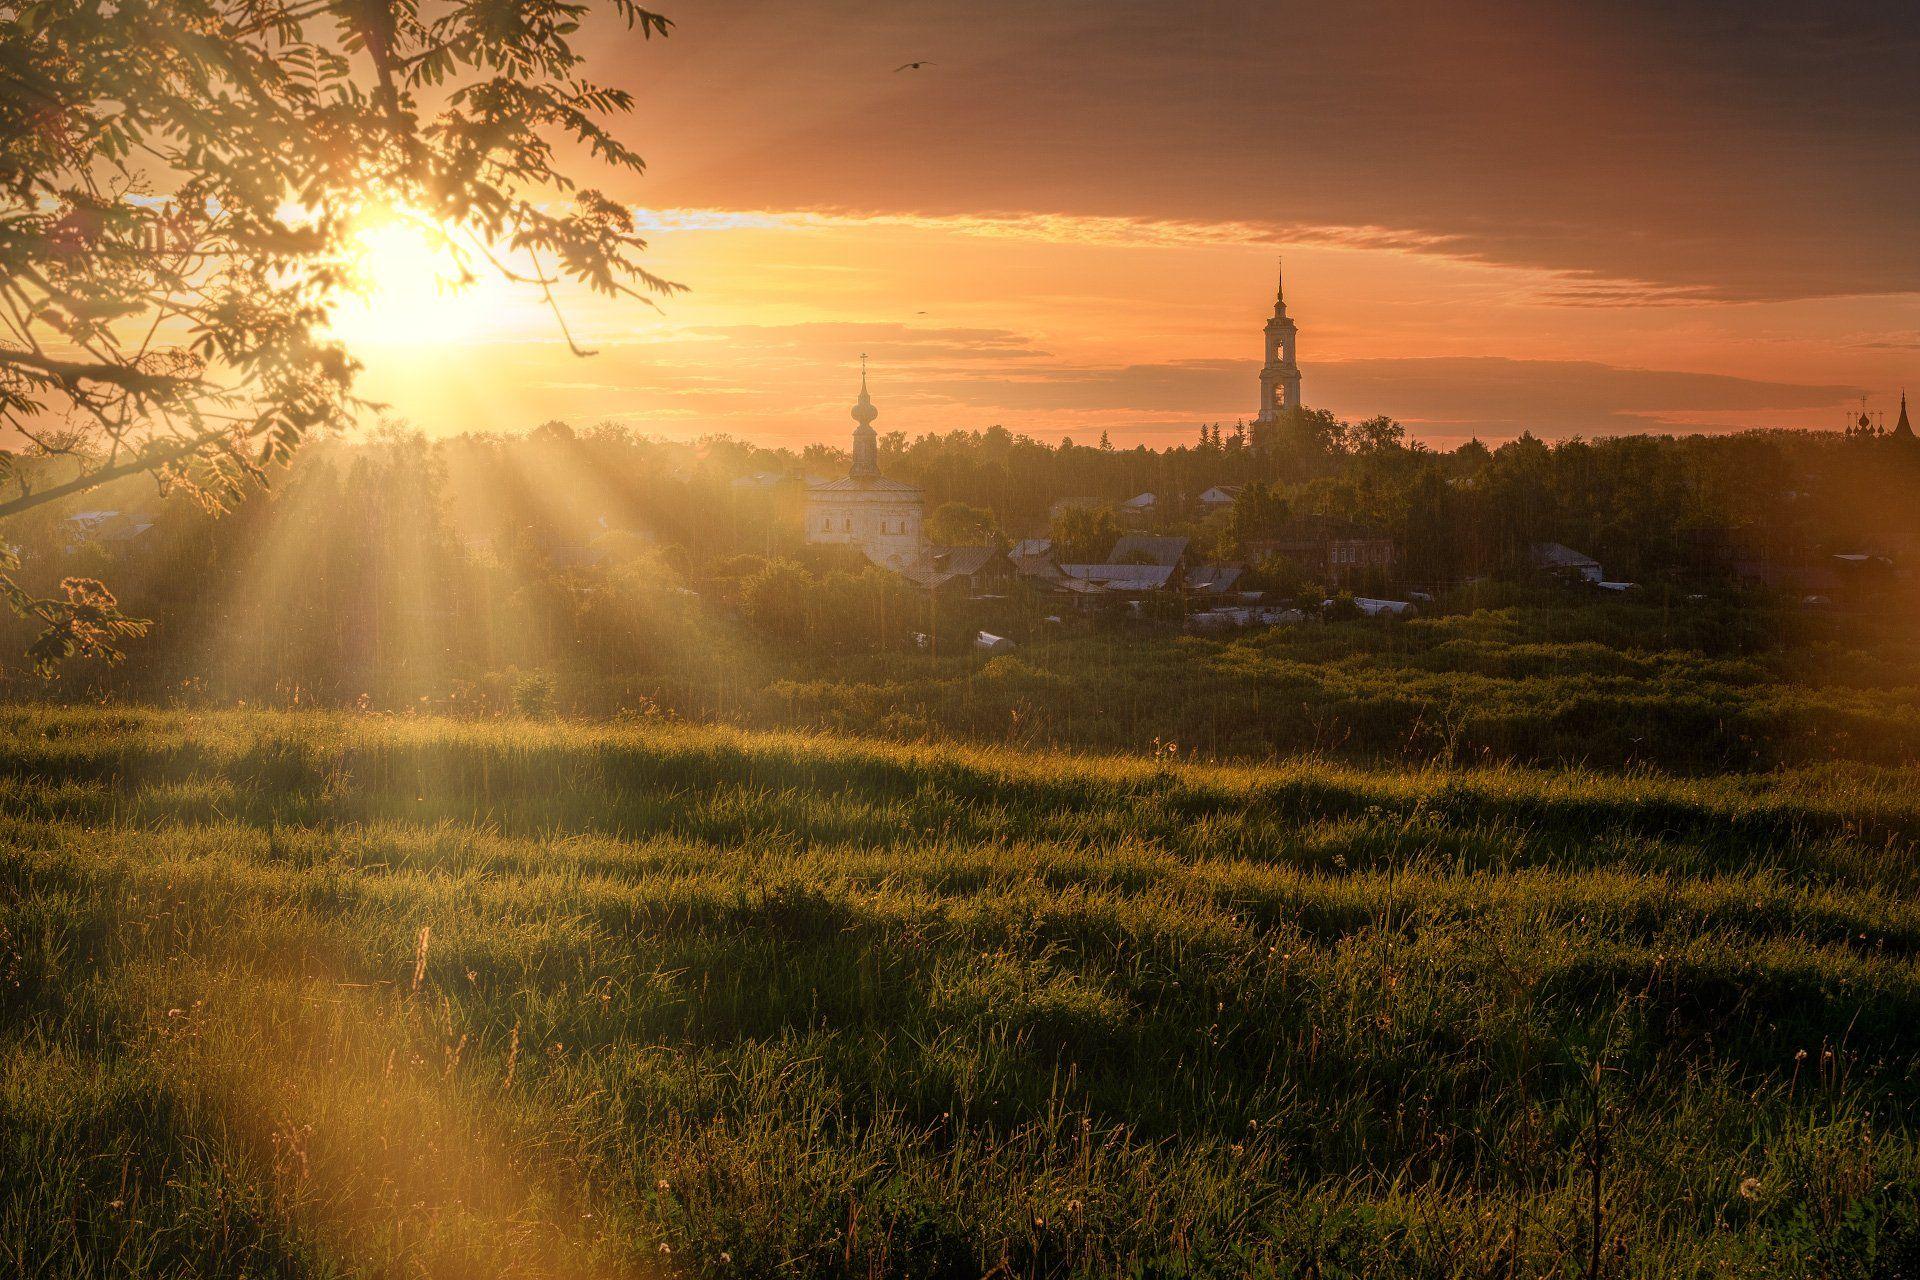 пейзаж, город, суздаль, храм, церковь, монастырь, рассвет, река, каменка, дождь, Андрей Чиж